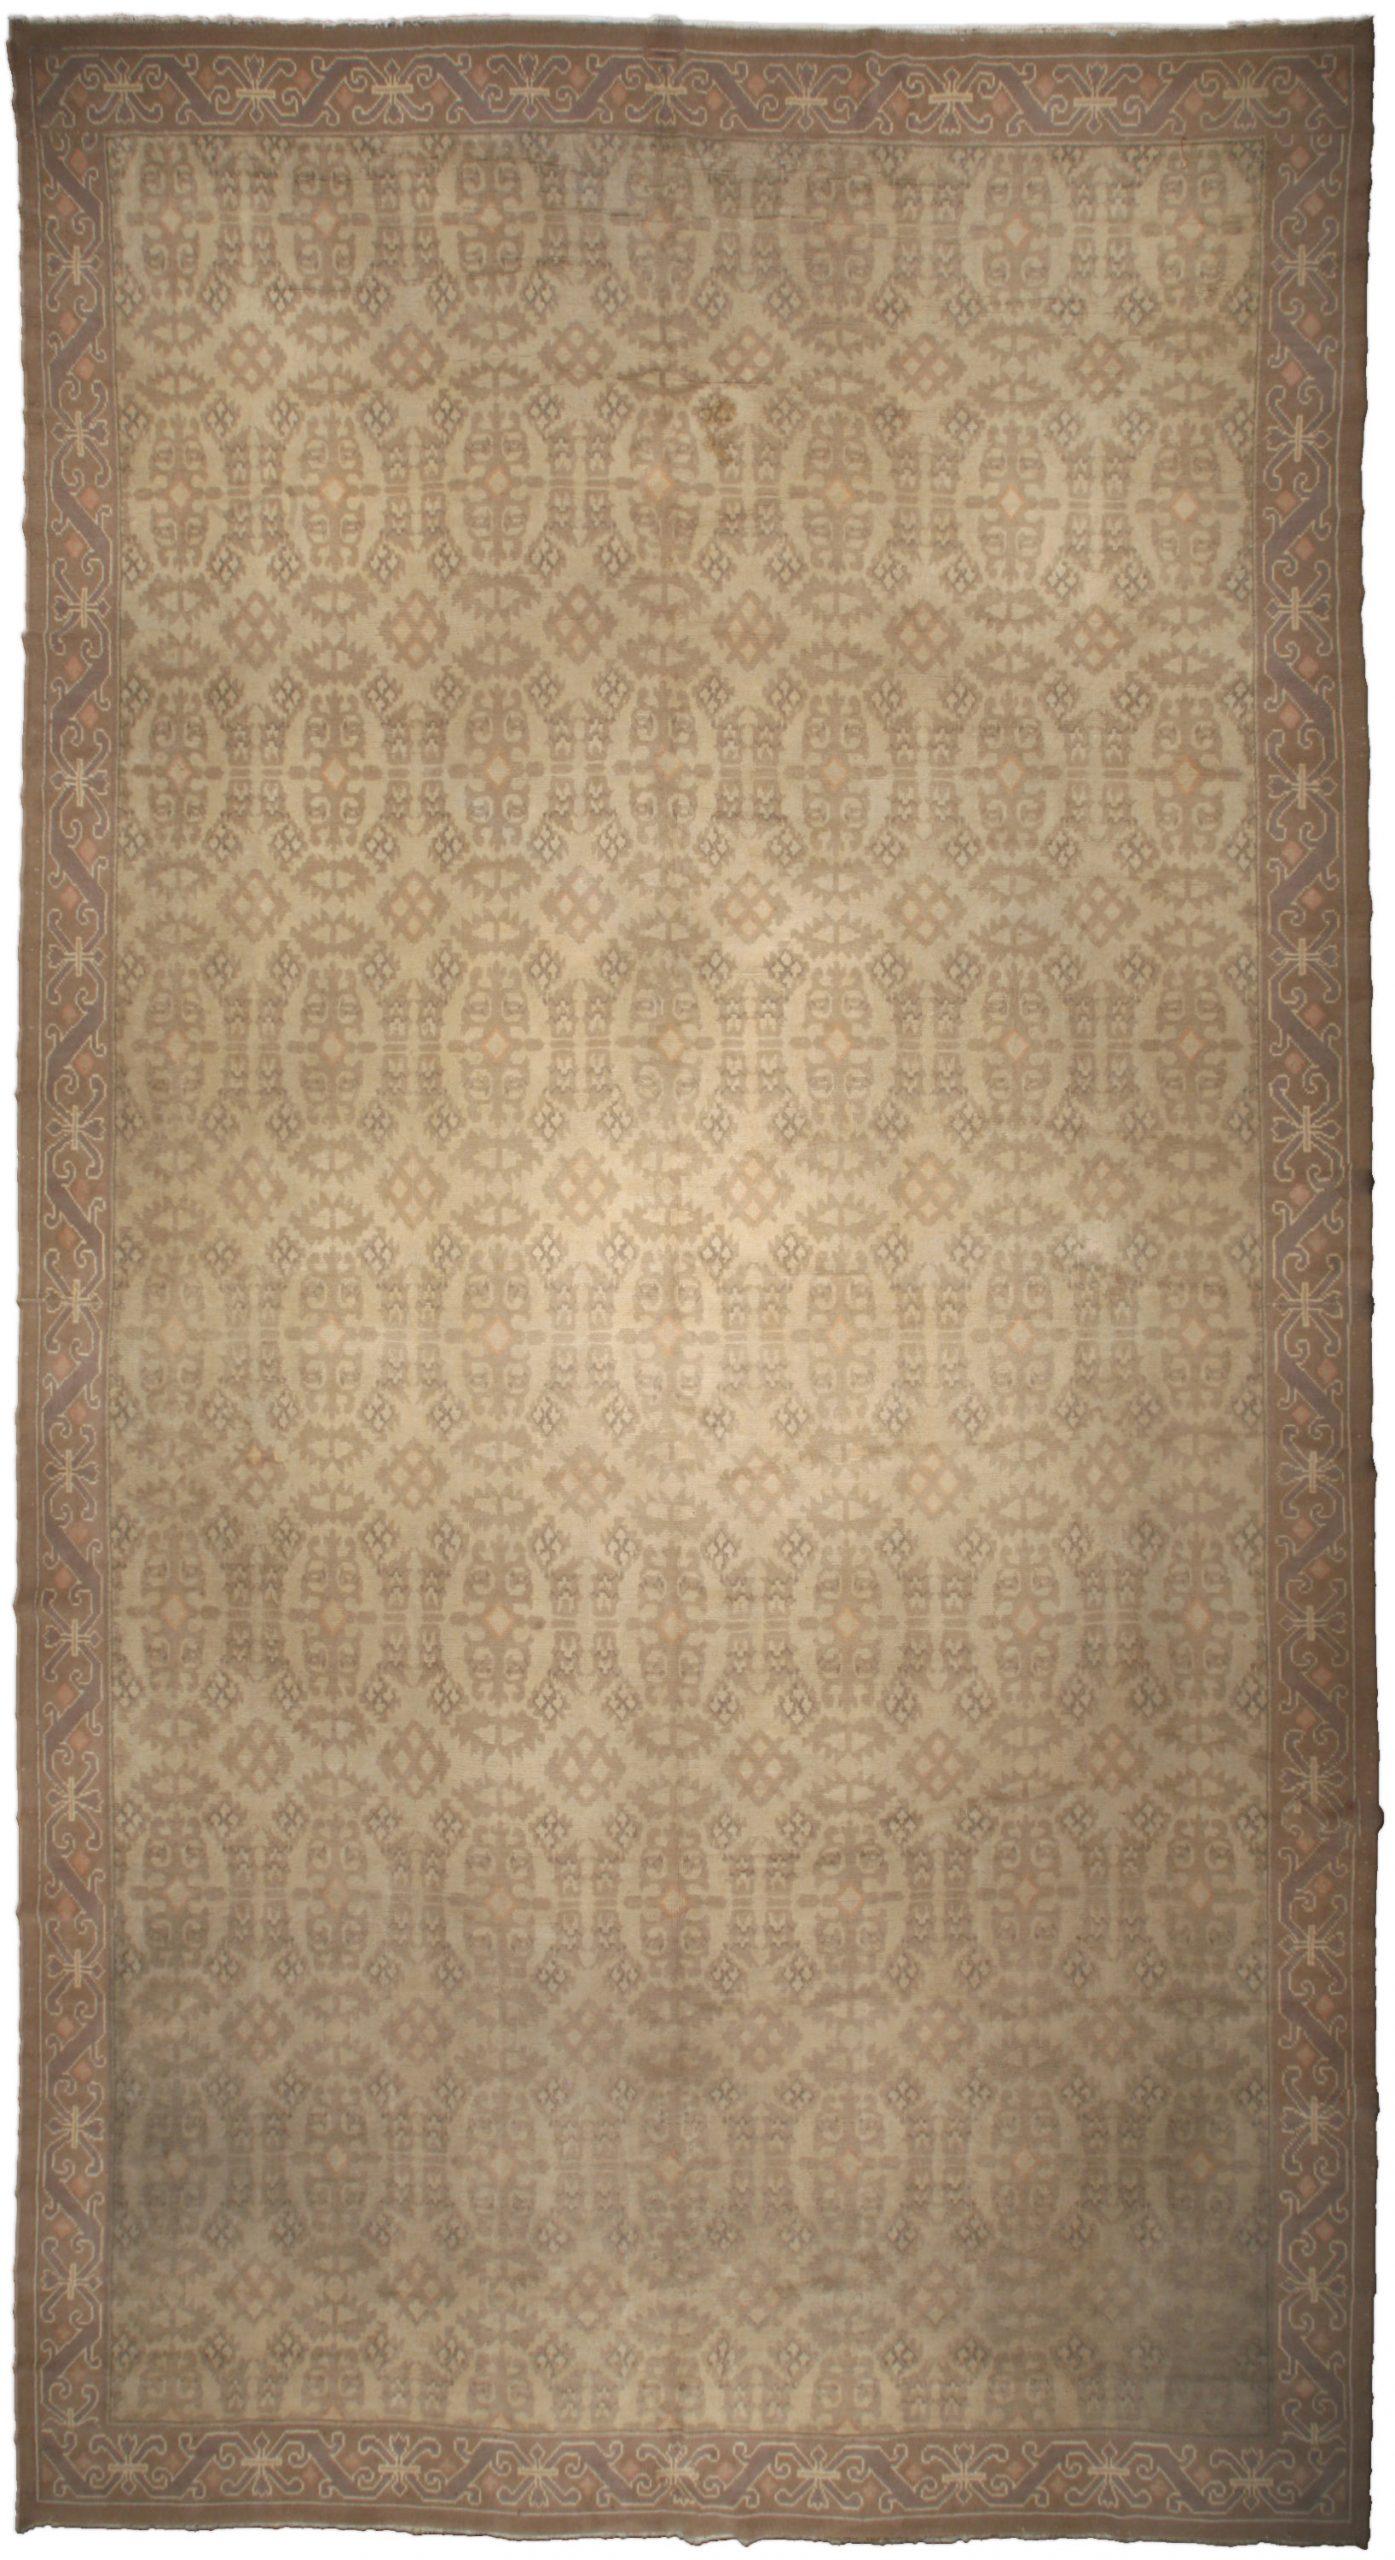 Spanish Carpet BB0273